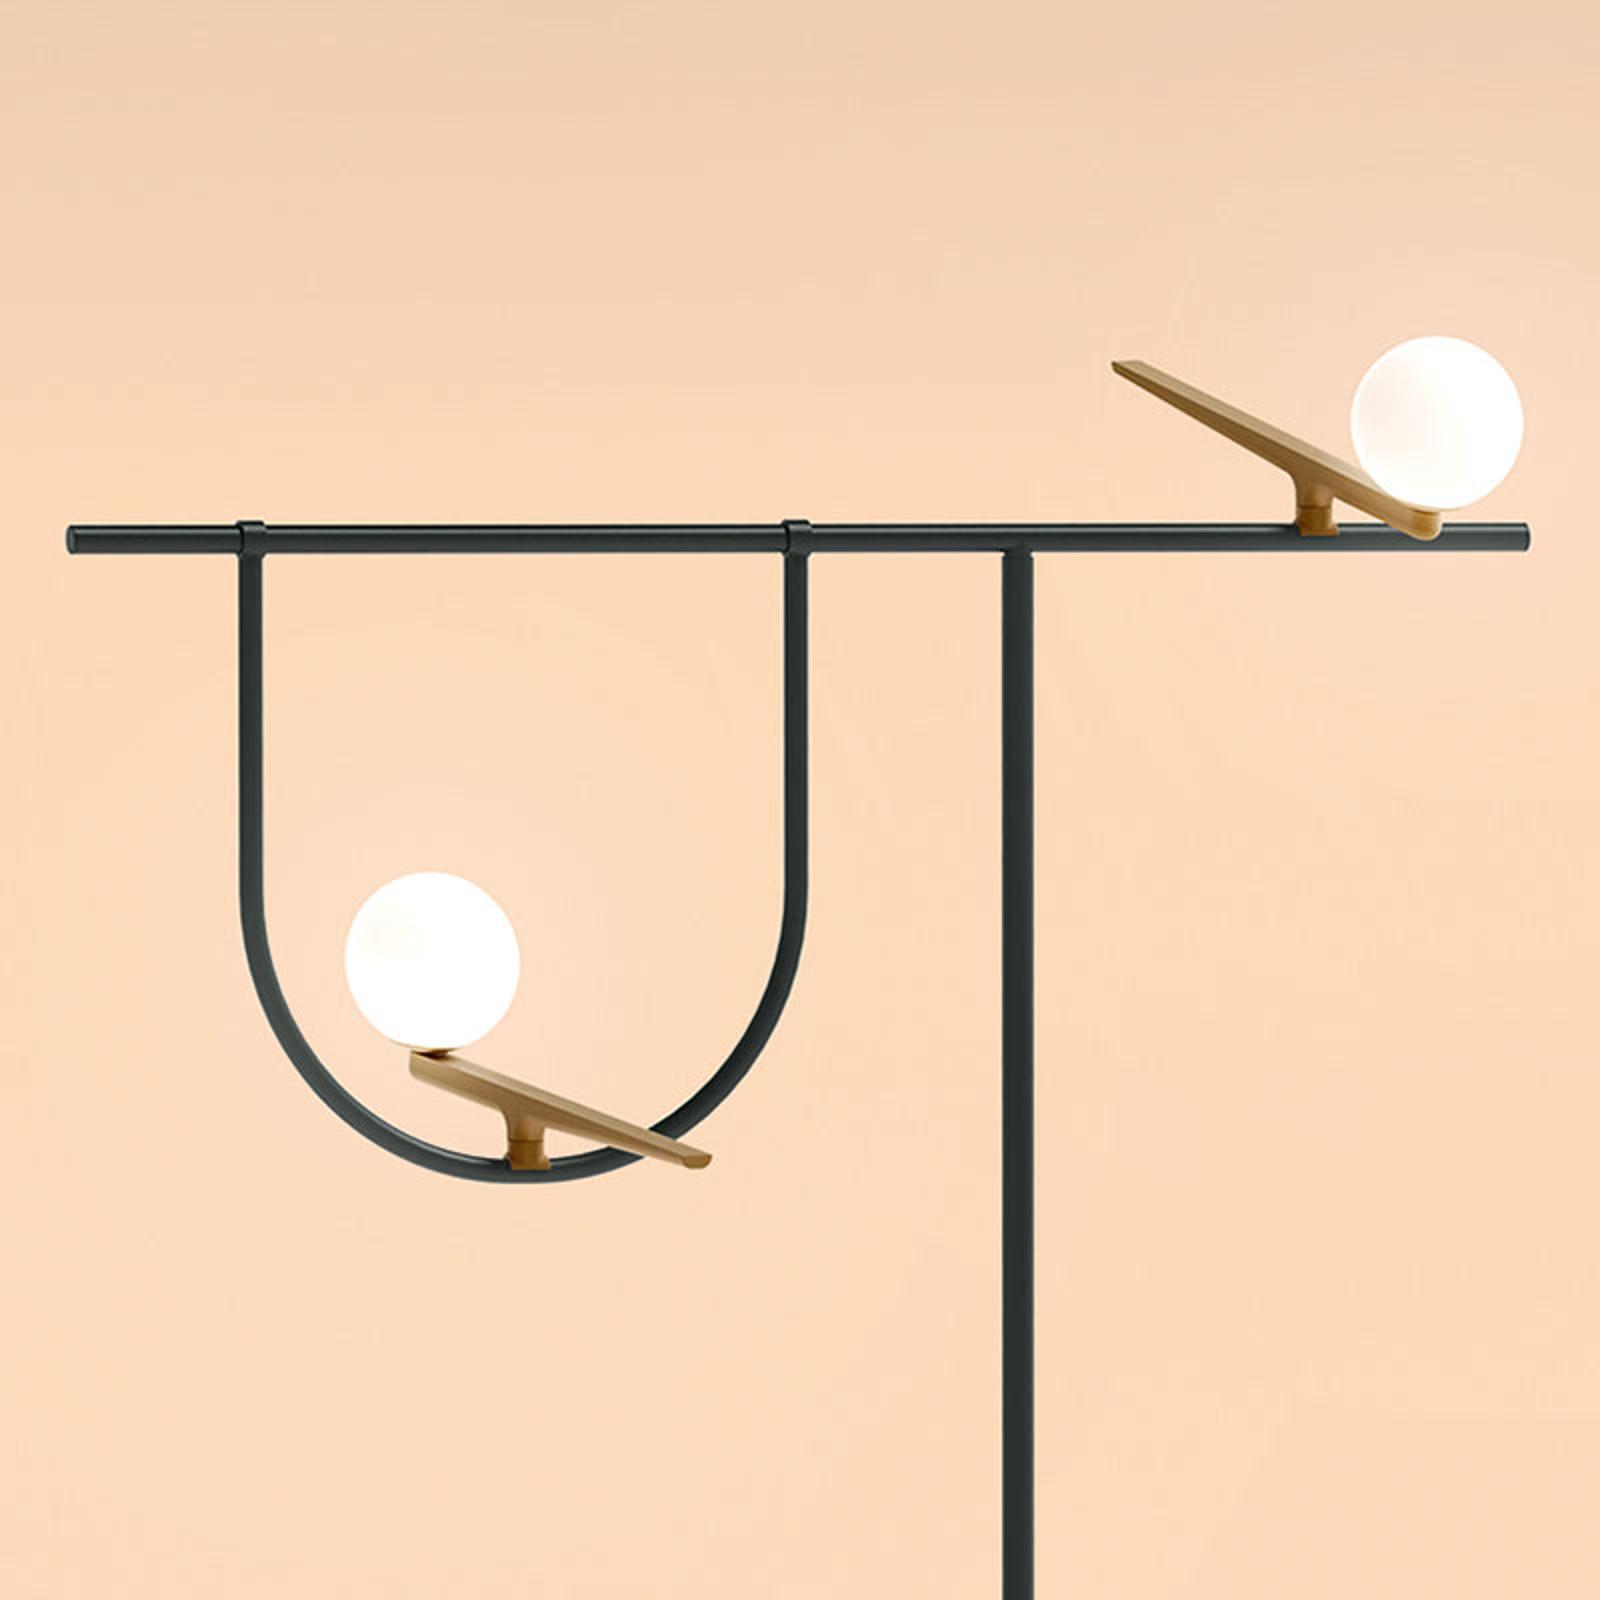 Piantana Yanzi di Artemide: illuminazione minimale ed evocativa